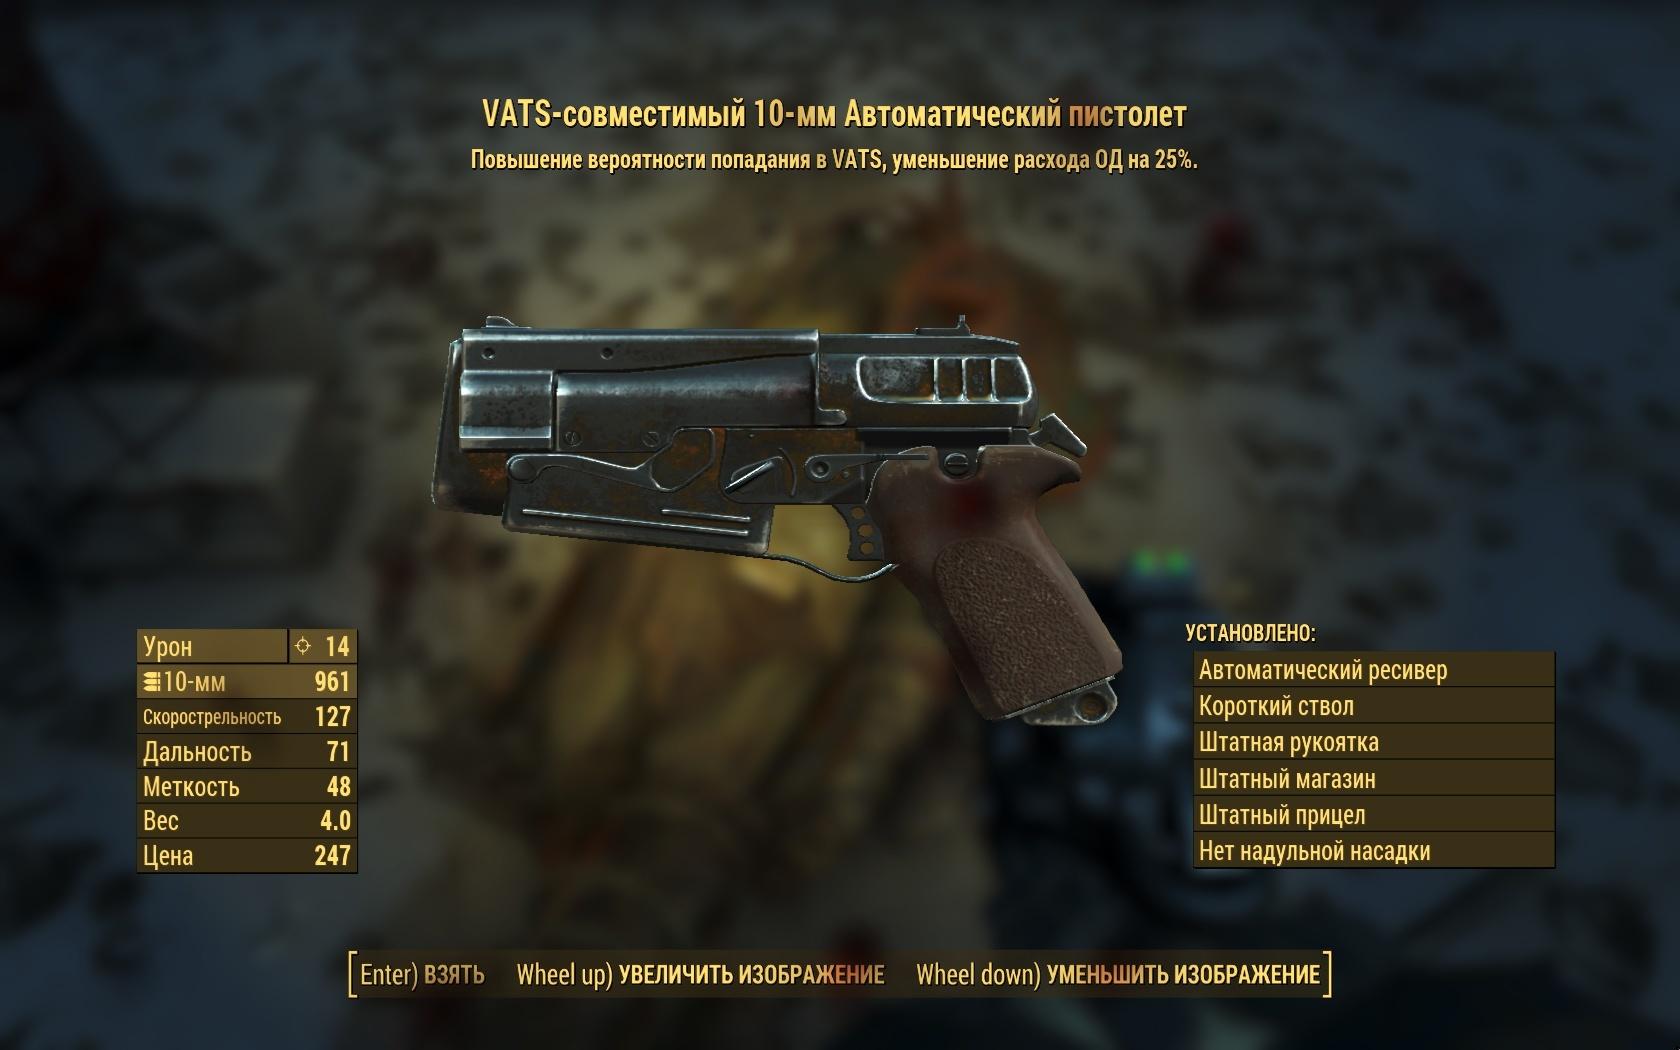 VATS-совместимый 10-мм автоматический пистолет - Fallout 4 10-мм, VATS, VATS-совместимый, автоматический, Оружие, совместимый